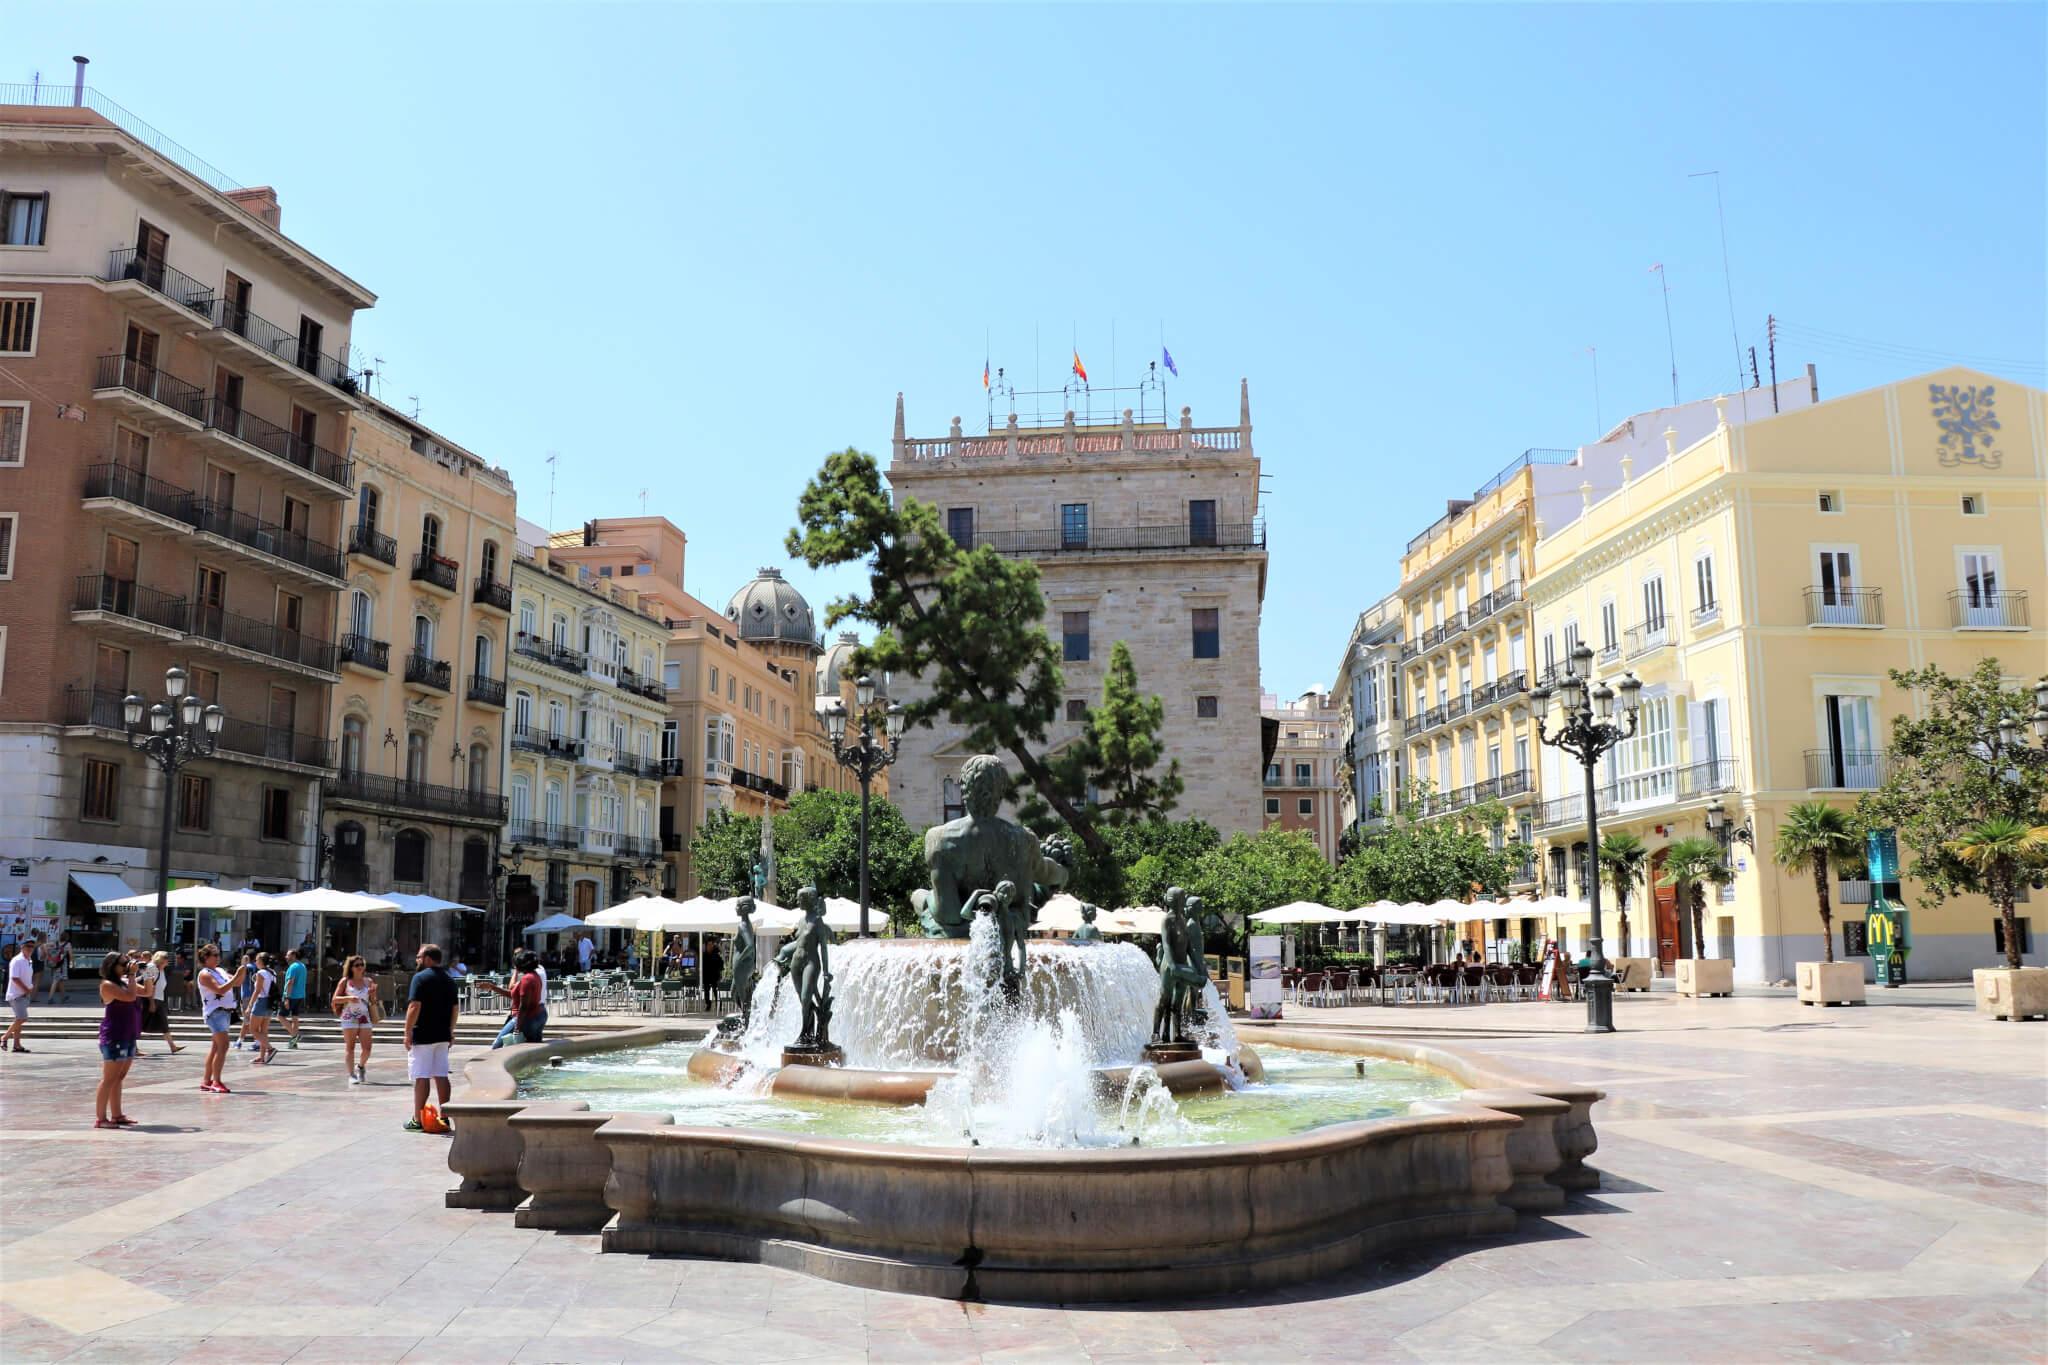 Plaza-de-la-virgen-valencia-pleinen